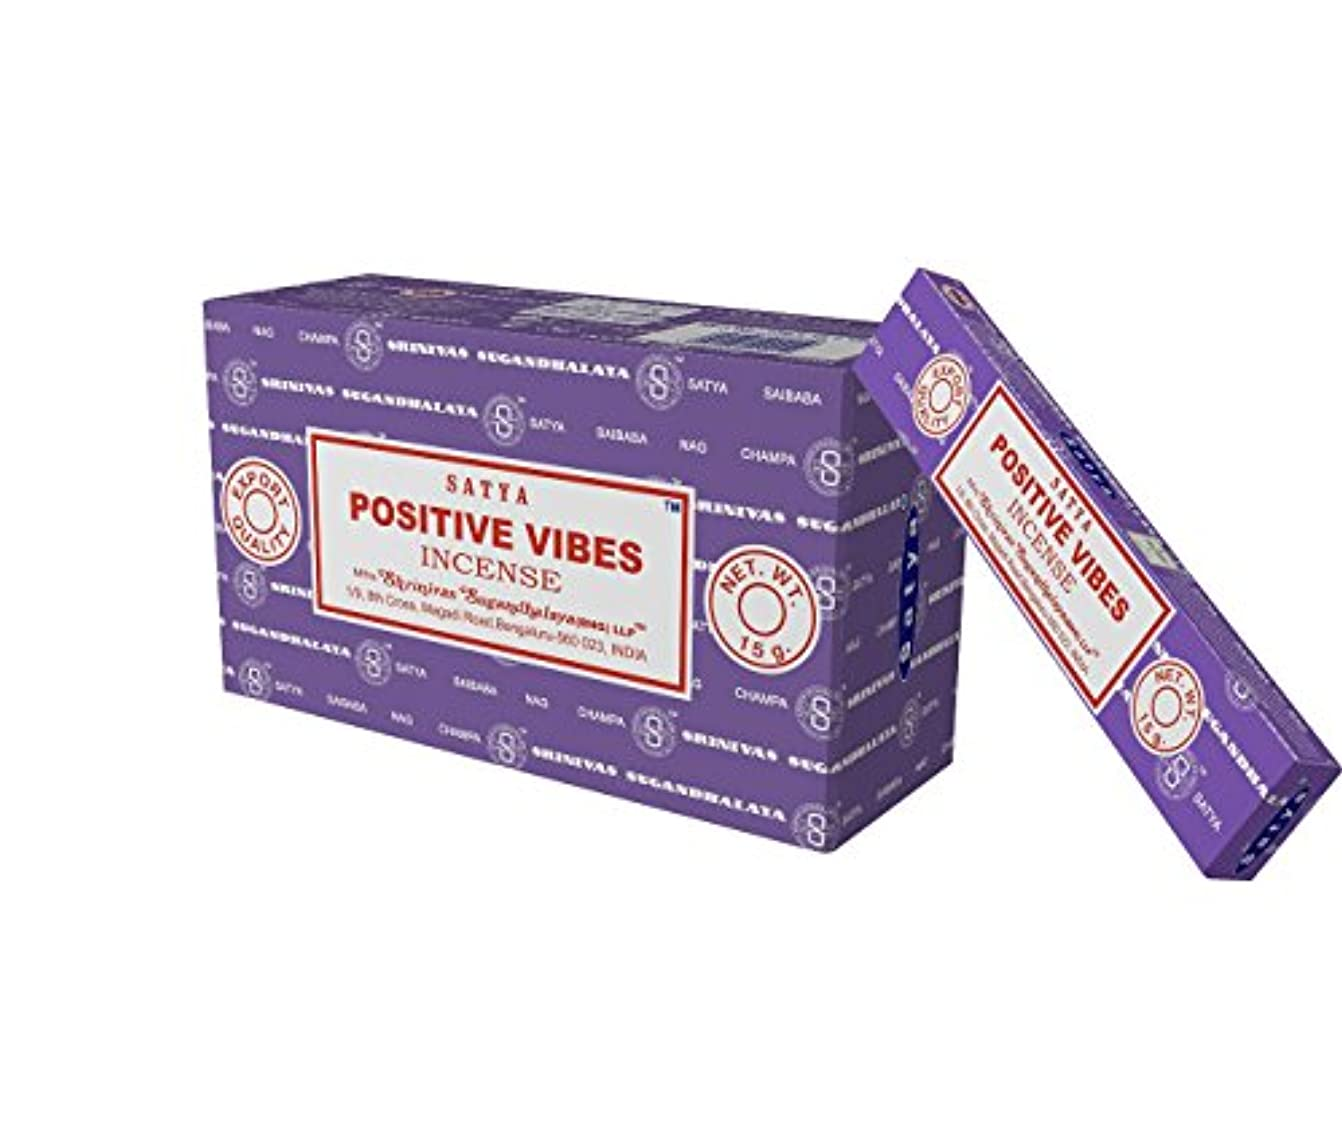 活性化するトチの実の木どっちでもSatya Nag Champa Positive Vibes Incense Sticks、12カウント